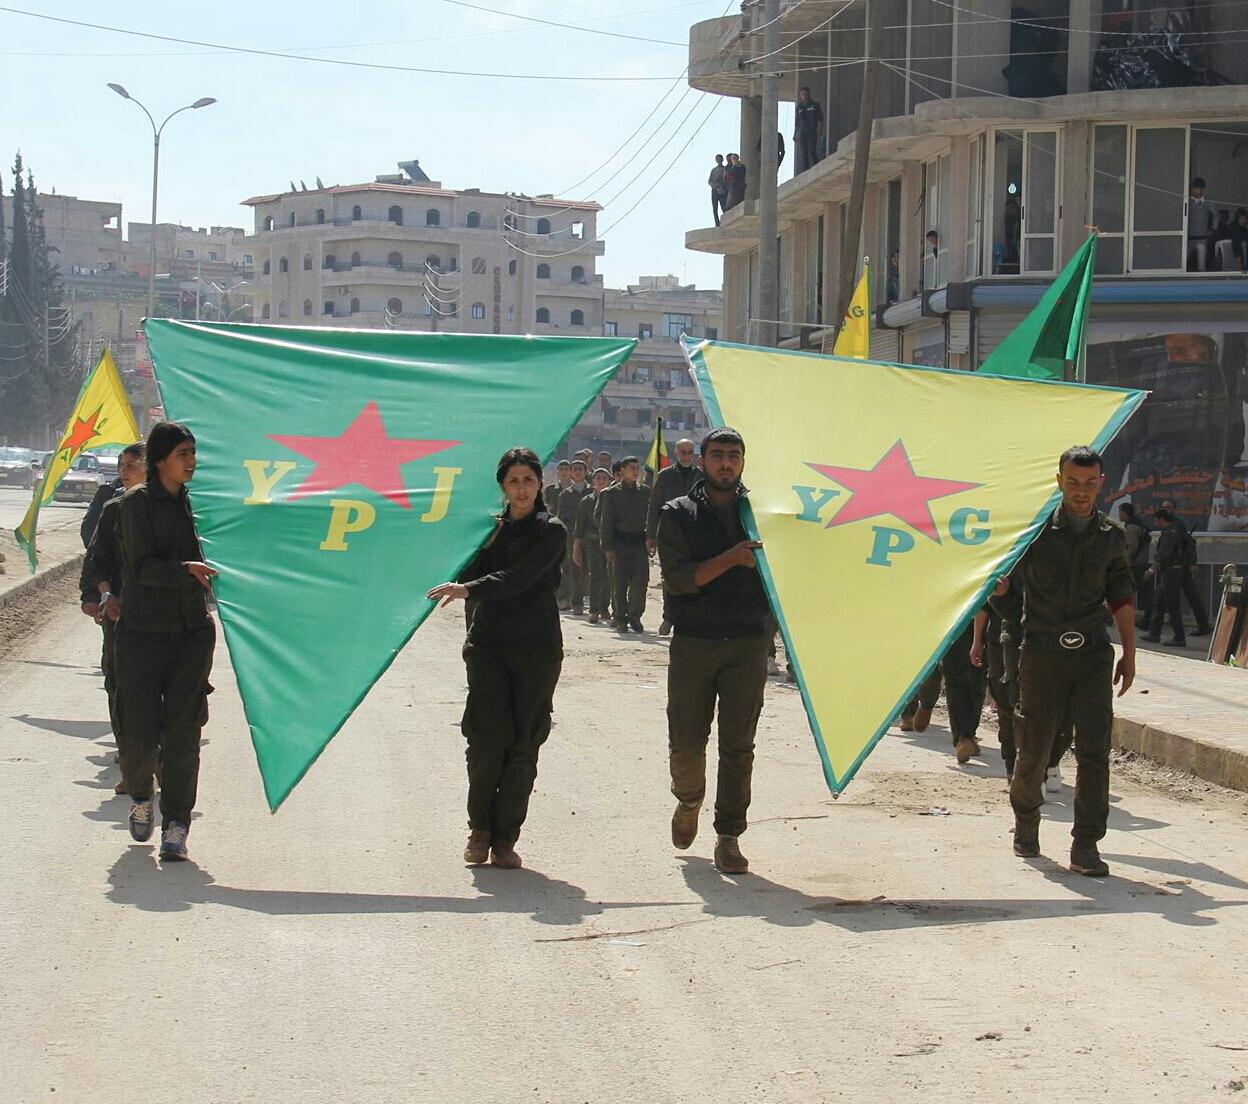 Comunicato No Tav in solidarietà al popolo curdo e contro l'invasione della Turchia!